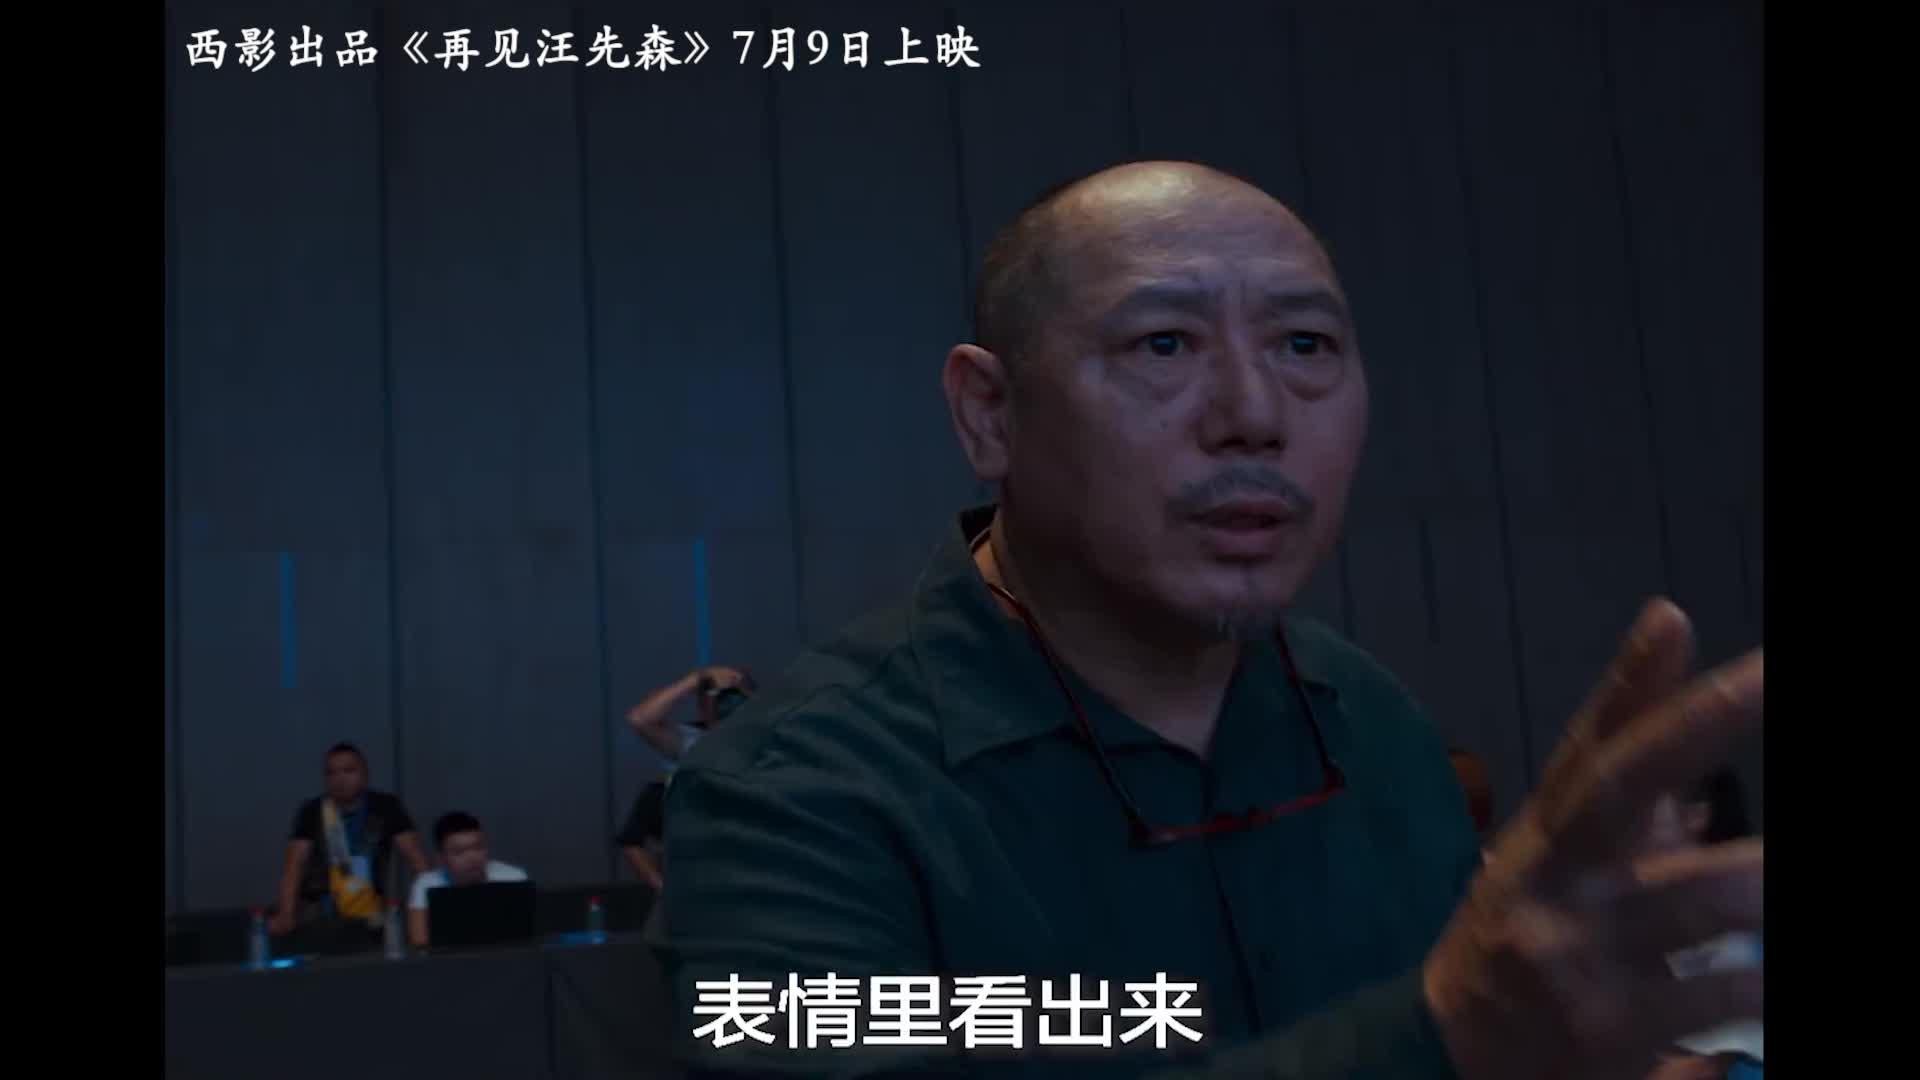 李诚儒在线教你怎么演戏 电影再见汪先森